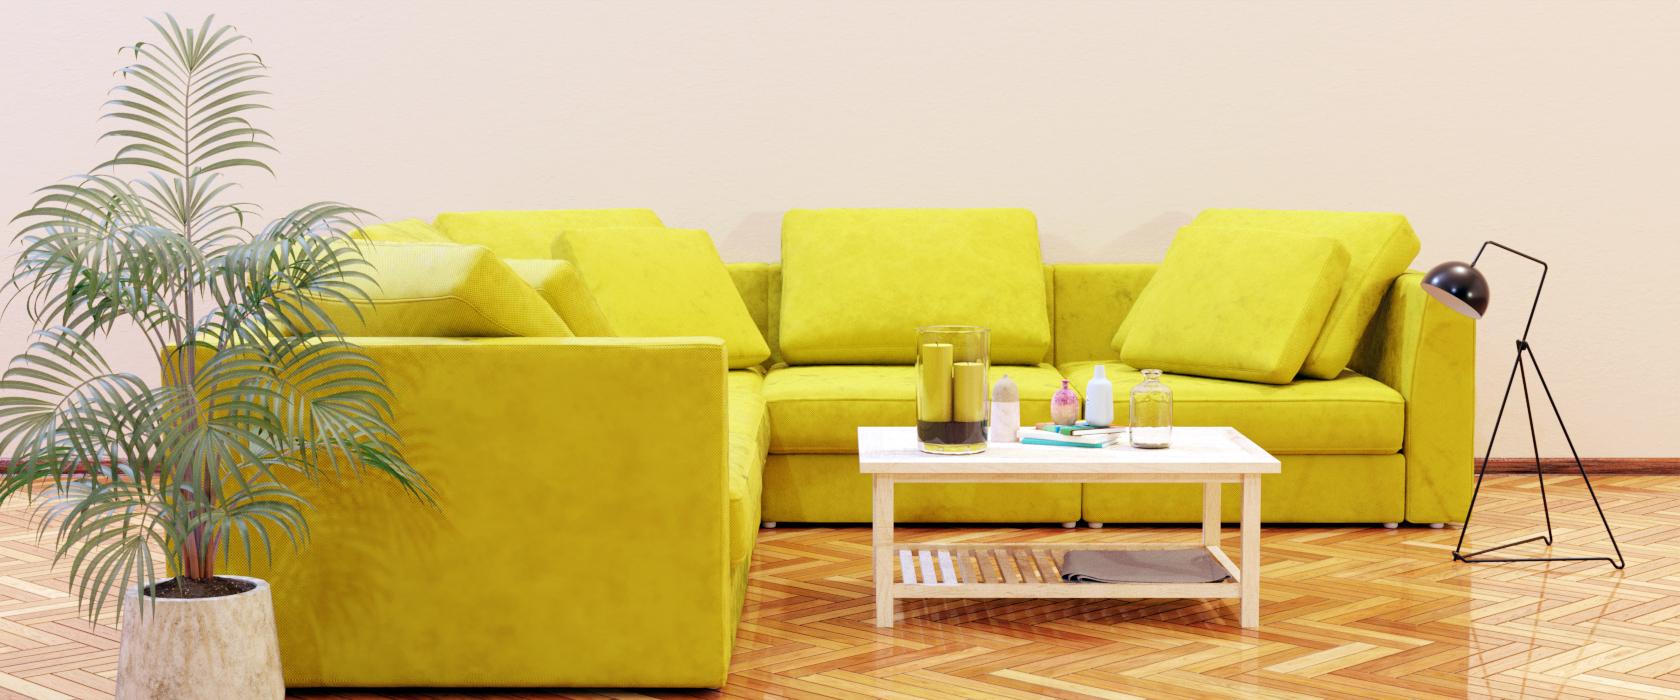 Модульный диван Lisboa 306x306 - Фото 2 - Pufetto